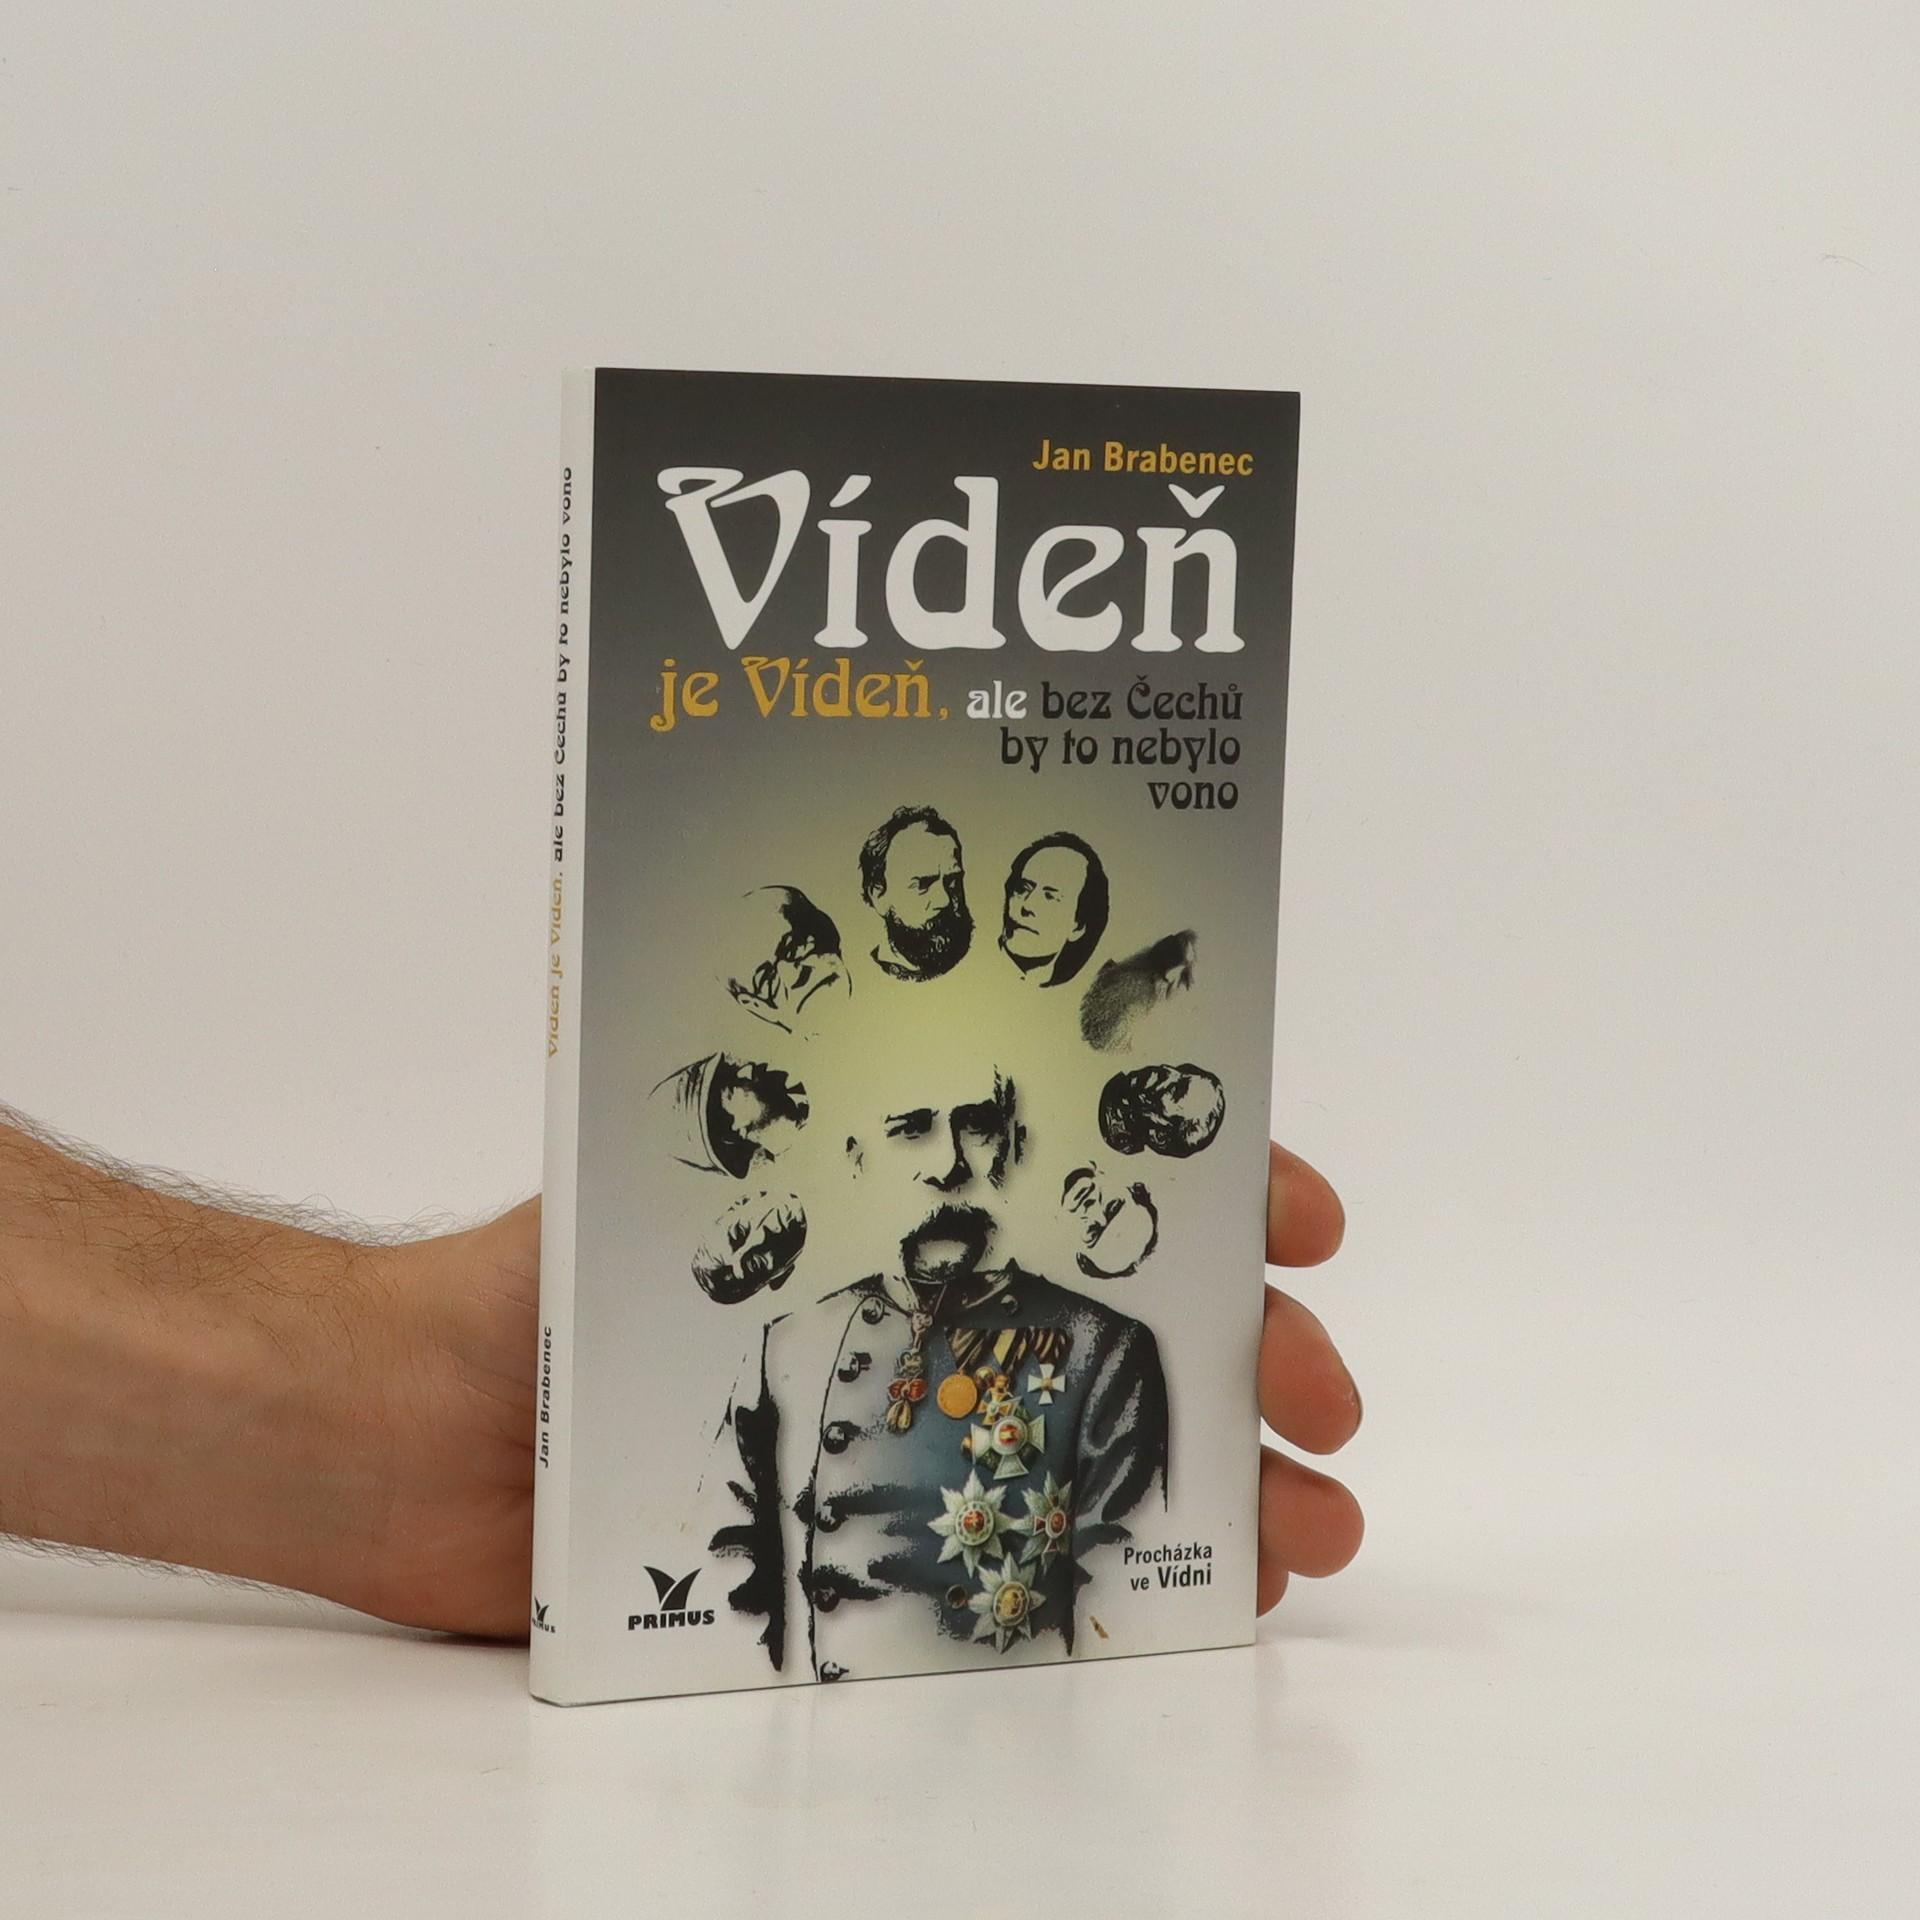 antikvární kniha Vídeň je Vídeň, ale bez Čechů by to nebylo vono, 2012